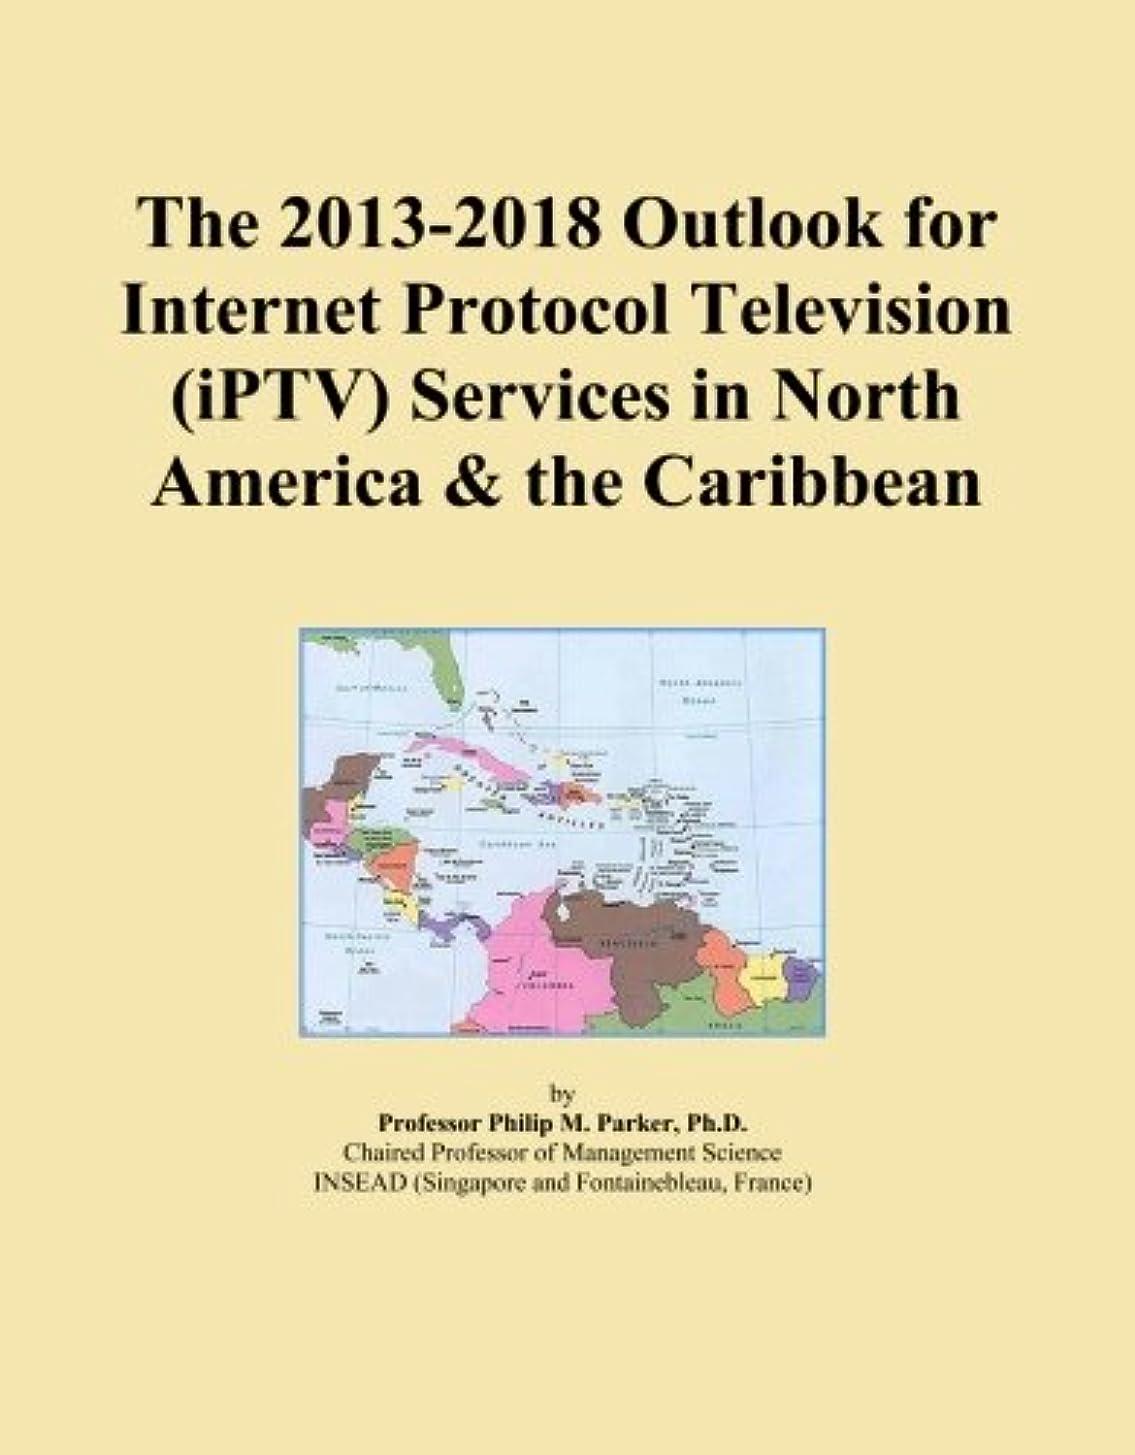 議論する妻平和的The 2013-2018 Outlook for Internet Protocol Television (iPTV) Services in North America & the Caribbean